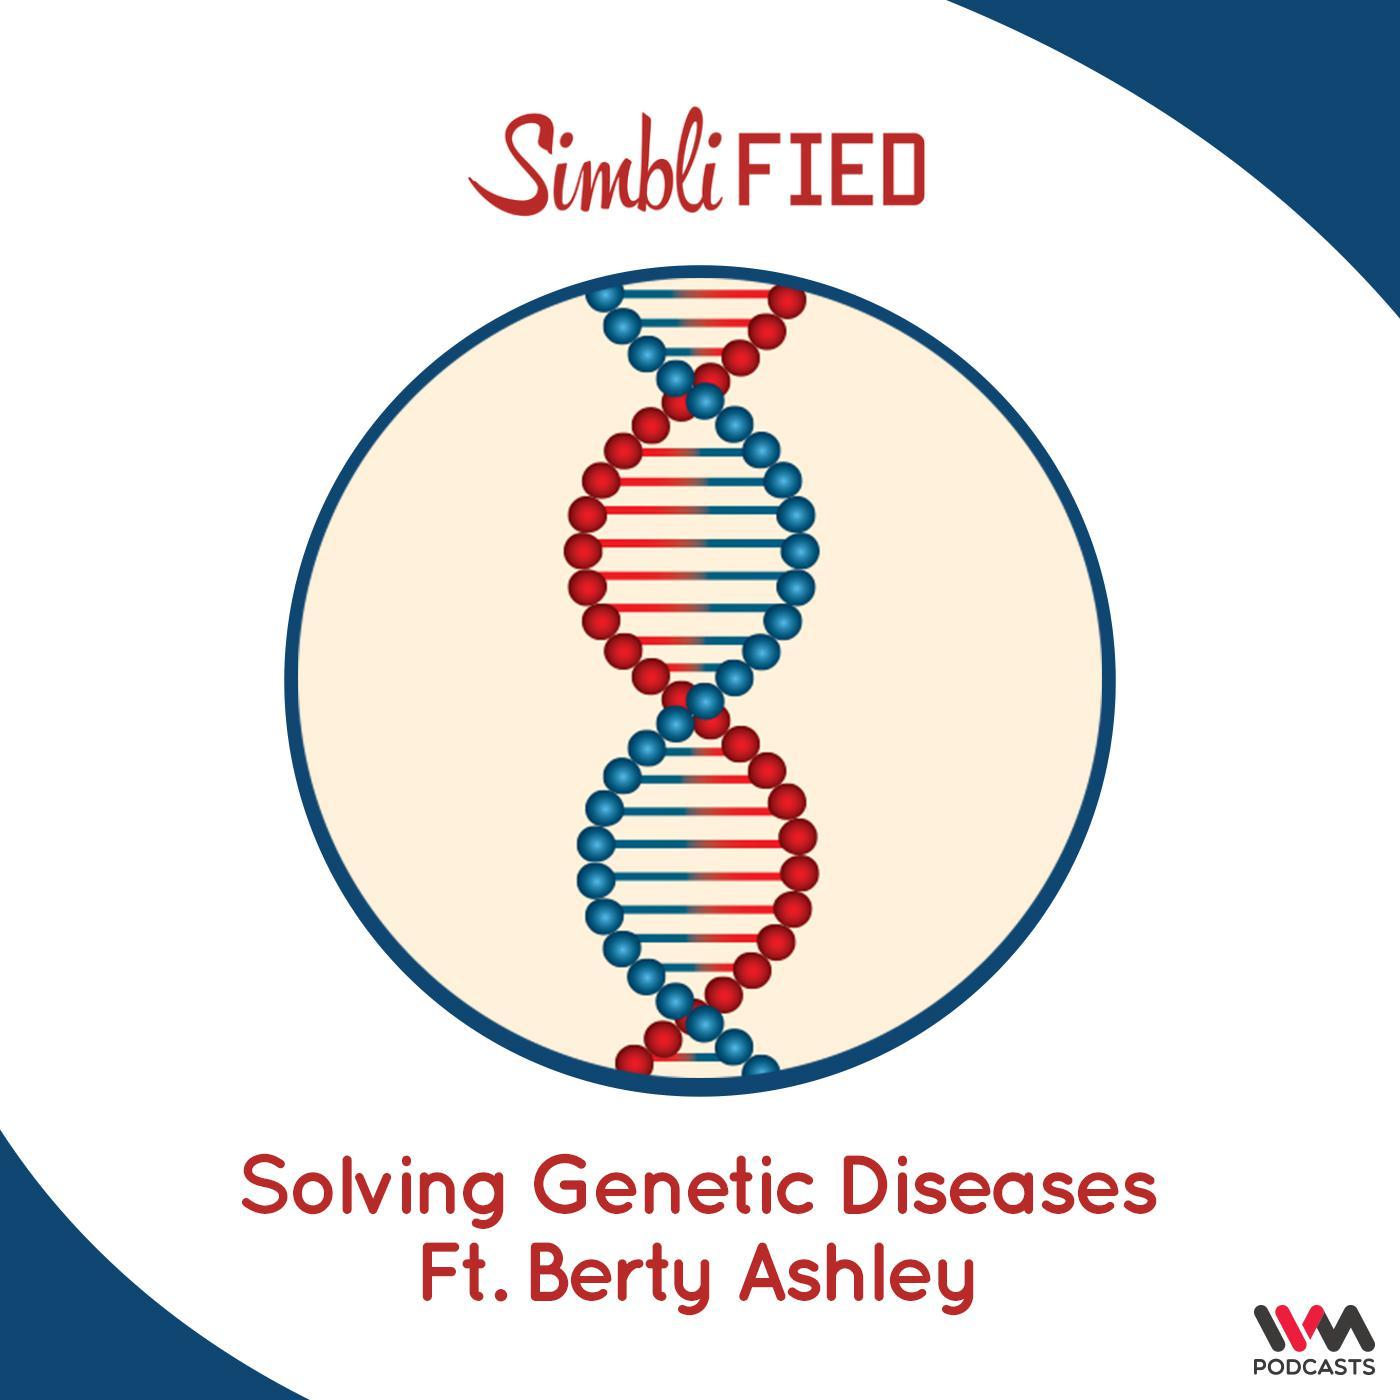 Solving Genetic Diseases Ft. Berty Ashley